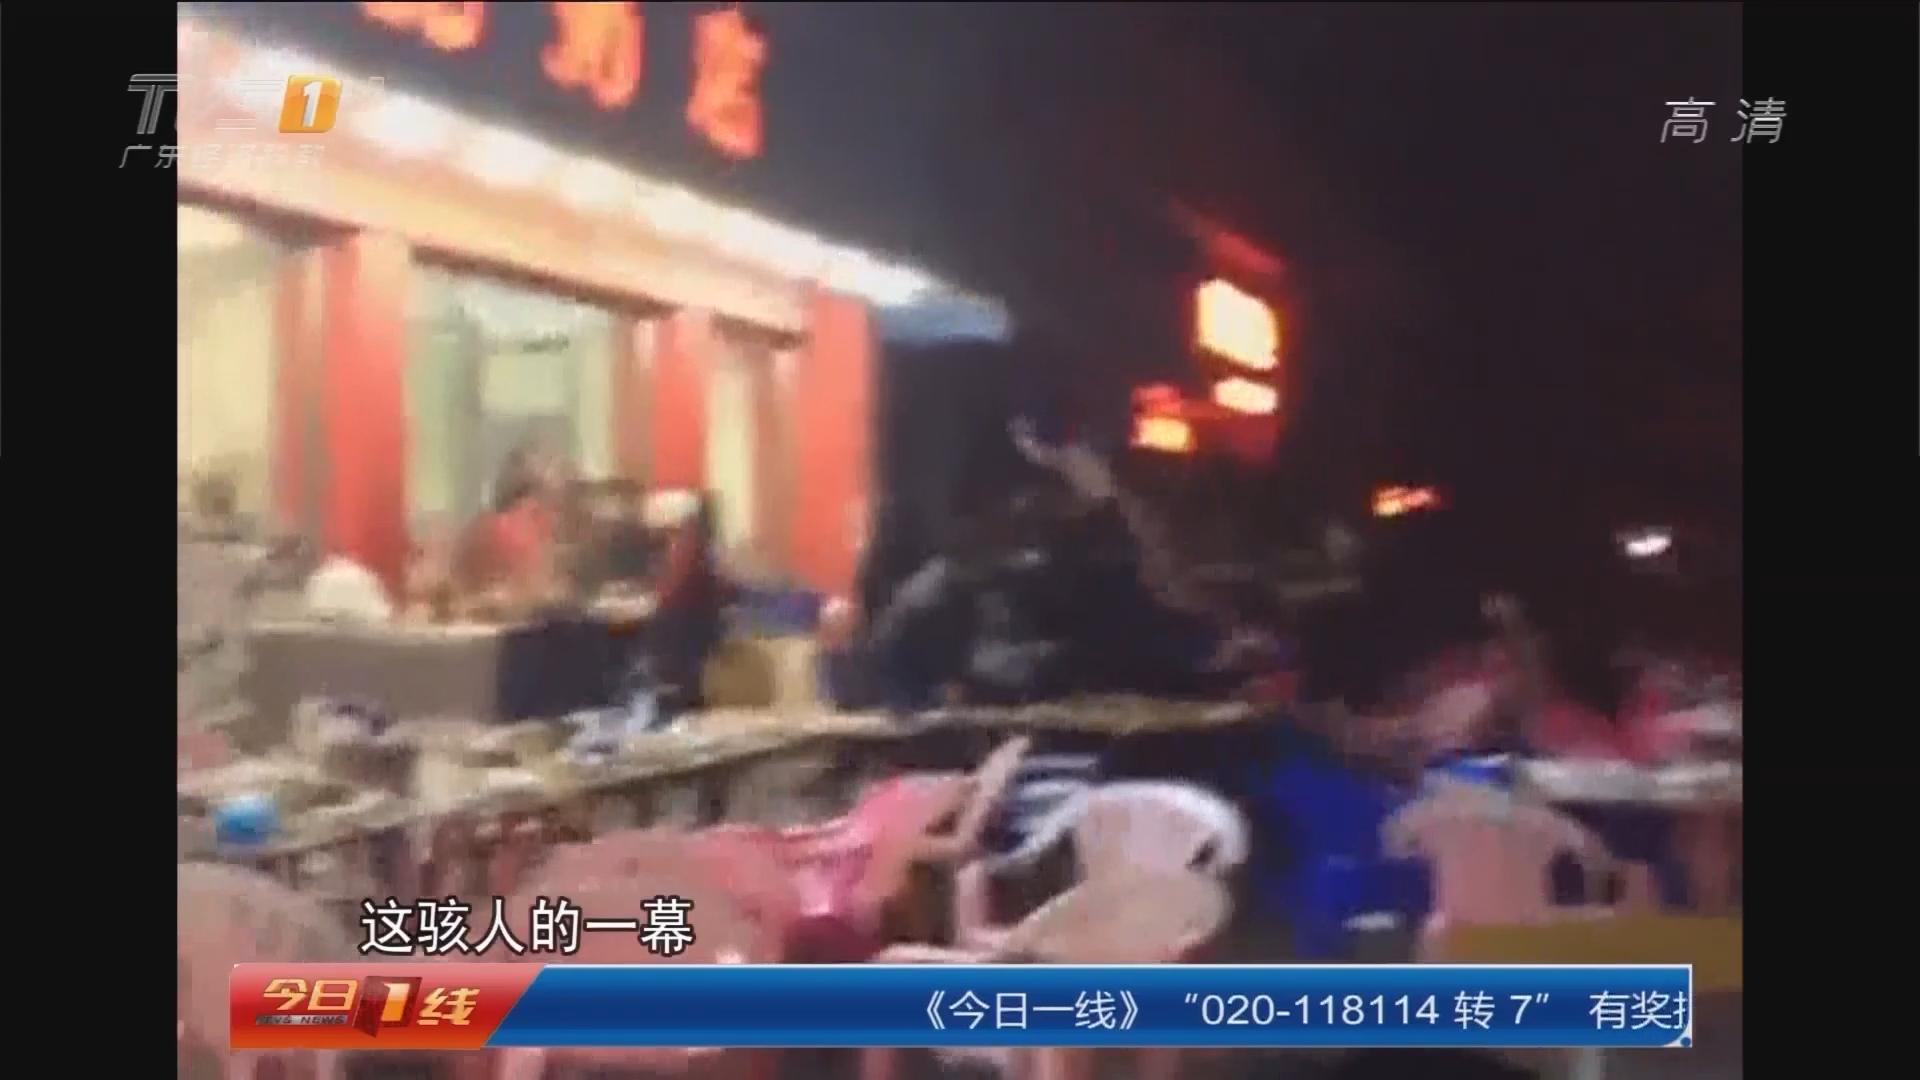 珠海斗门:数十人宵夜档斗殴 警方抓获4人